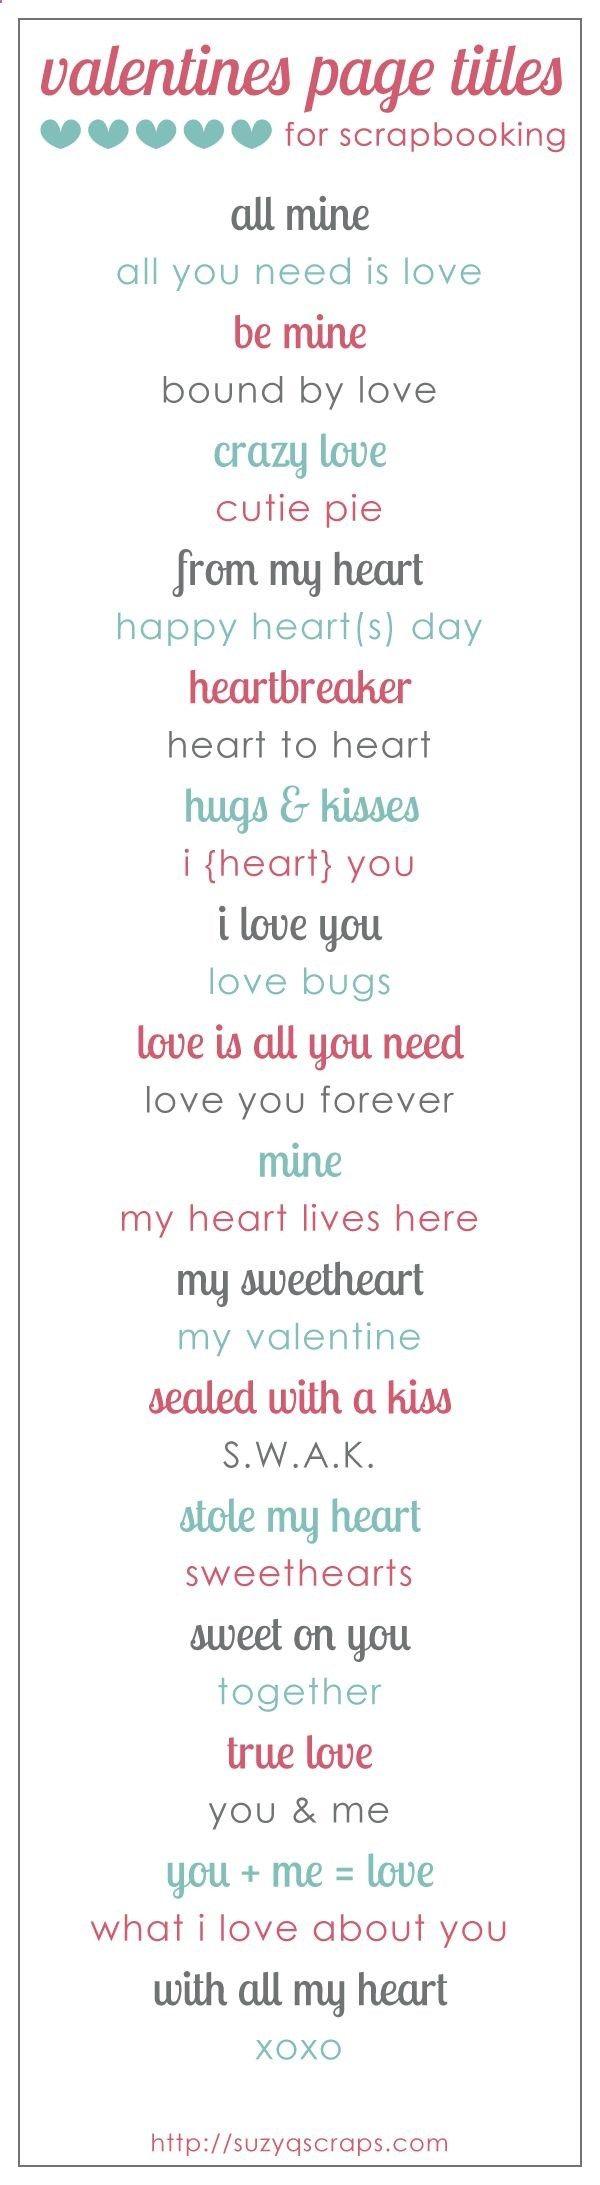 Valentine scrapbook ideas for him - 25 Best Ideas About Scrapbook Boyfriend On Pinterest Couple Scrapbook Anniversary Scrapbook And Boyfriend Gift Ideas